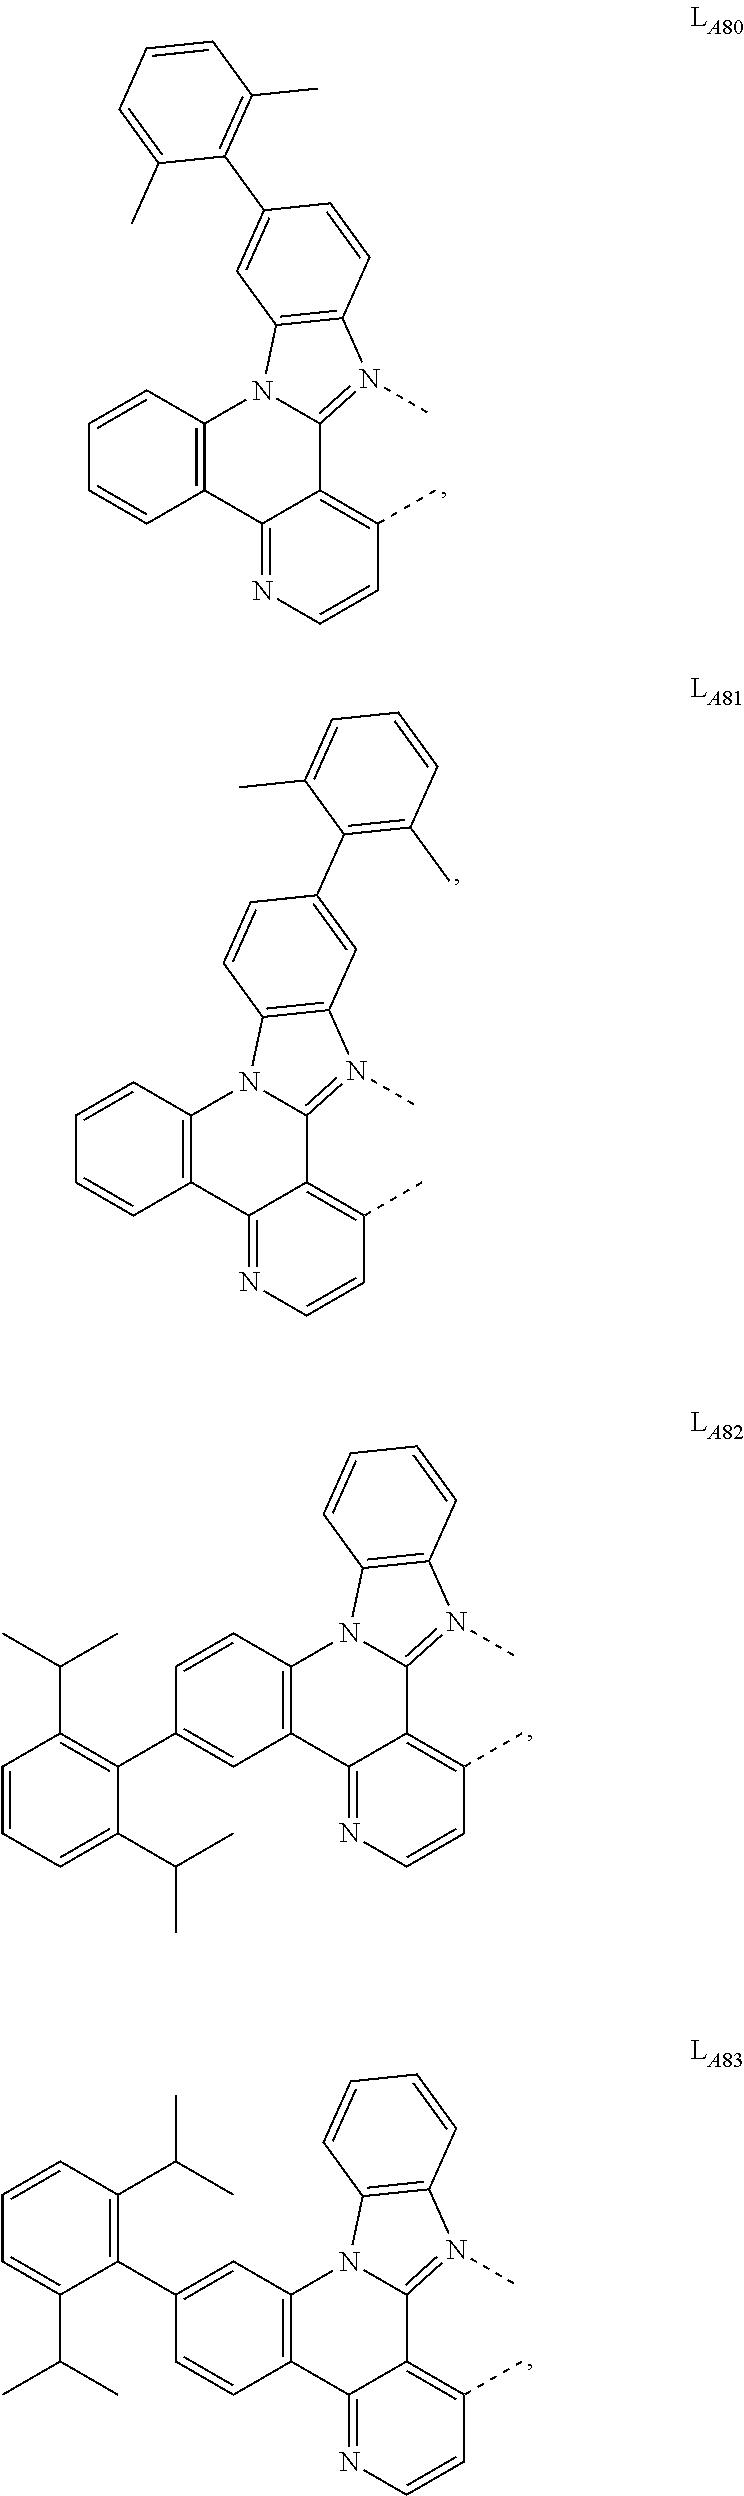 Figure US09905785-20180227-C00043